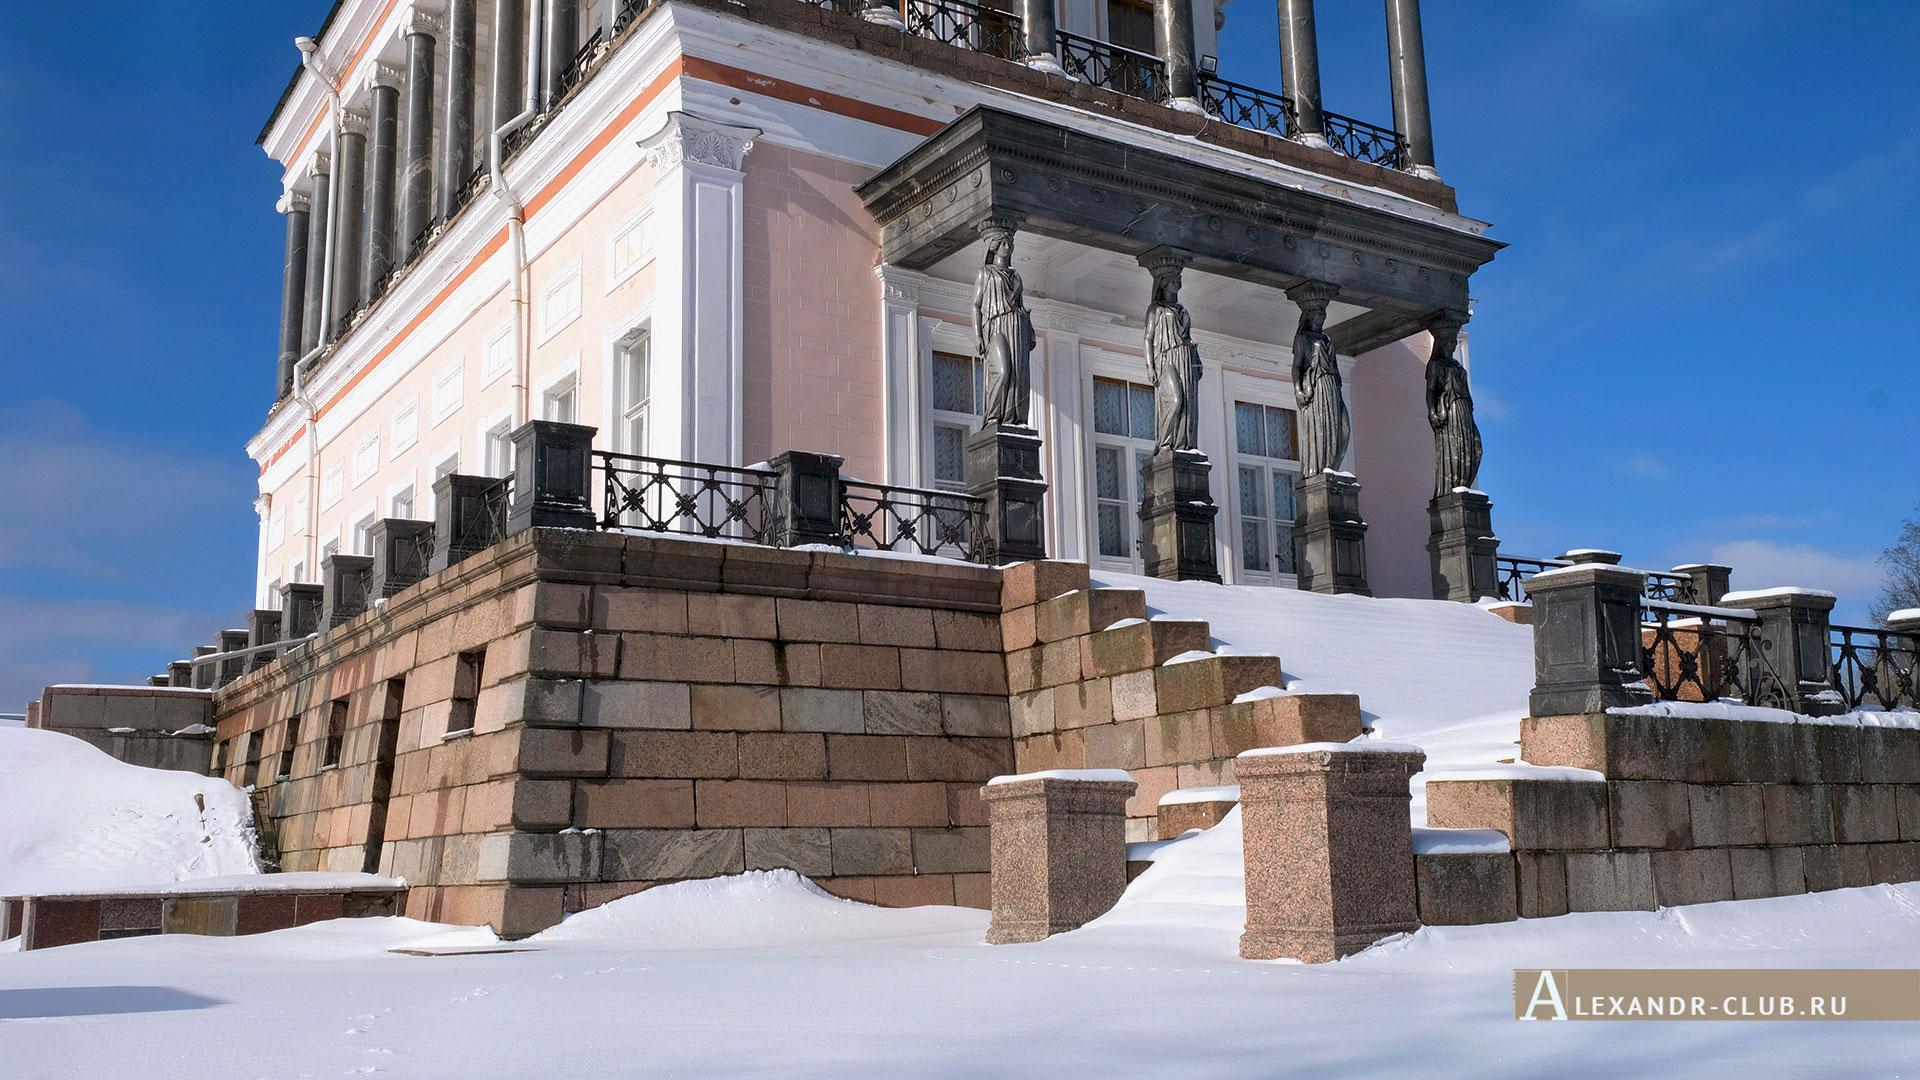 Петергоф, Луговой парк, зима, дворец Бельведер – 4